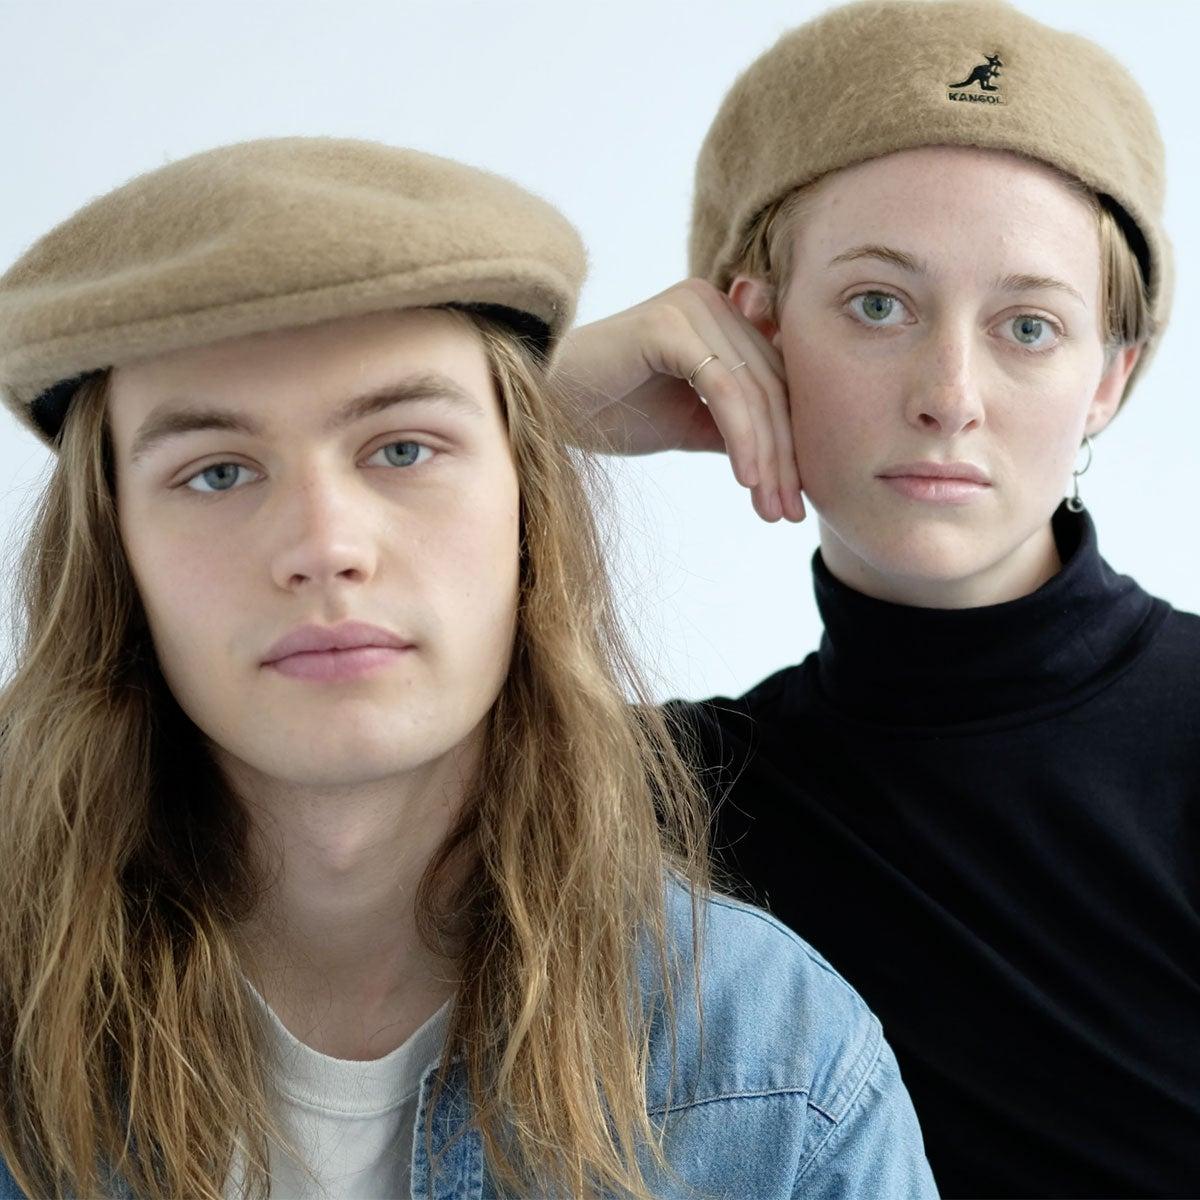 Two models wearing Kangol Woollux 504 hats